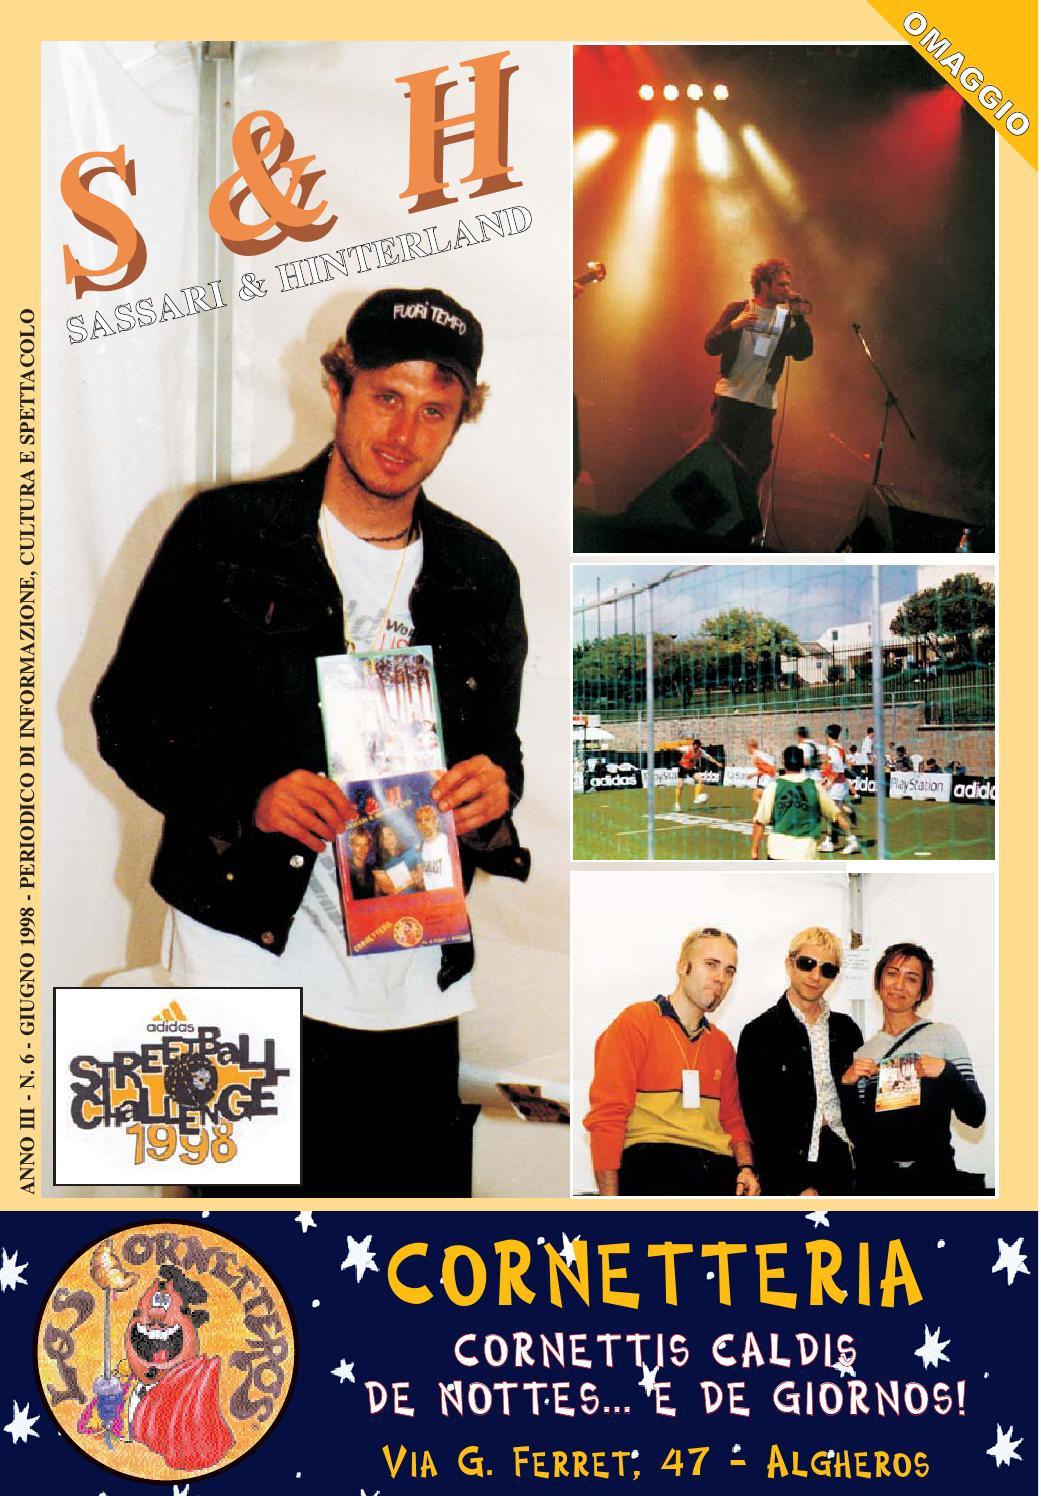 Sassari & Hinterland - Giugno 1998 by S&H Magazine - issuu